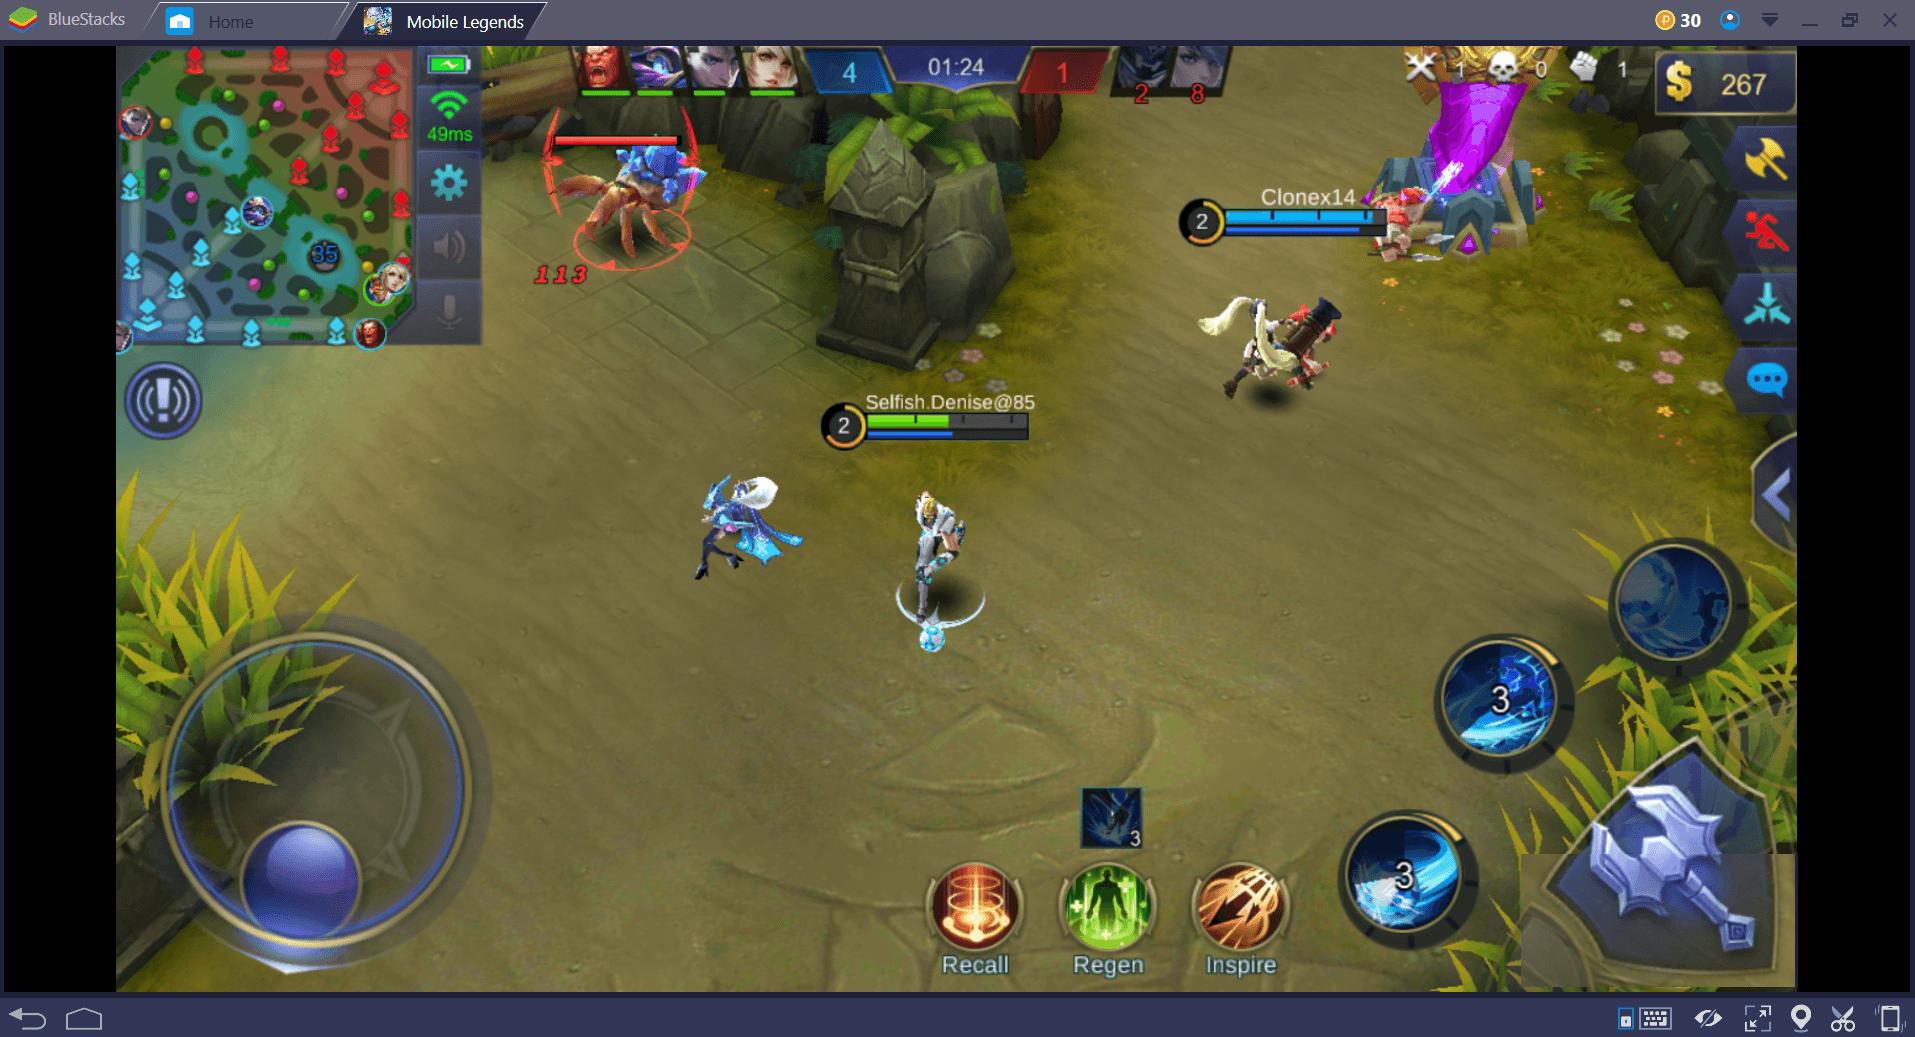 كيفية الفوز عندما تكون خاسرًا في لعبة Mobile Legends: أهم النصائح